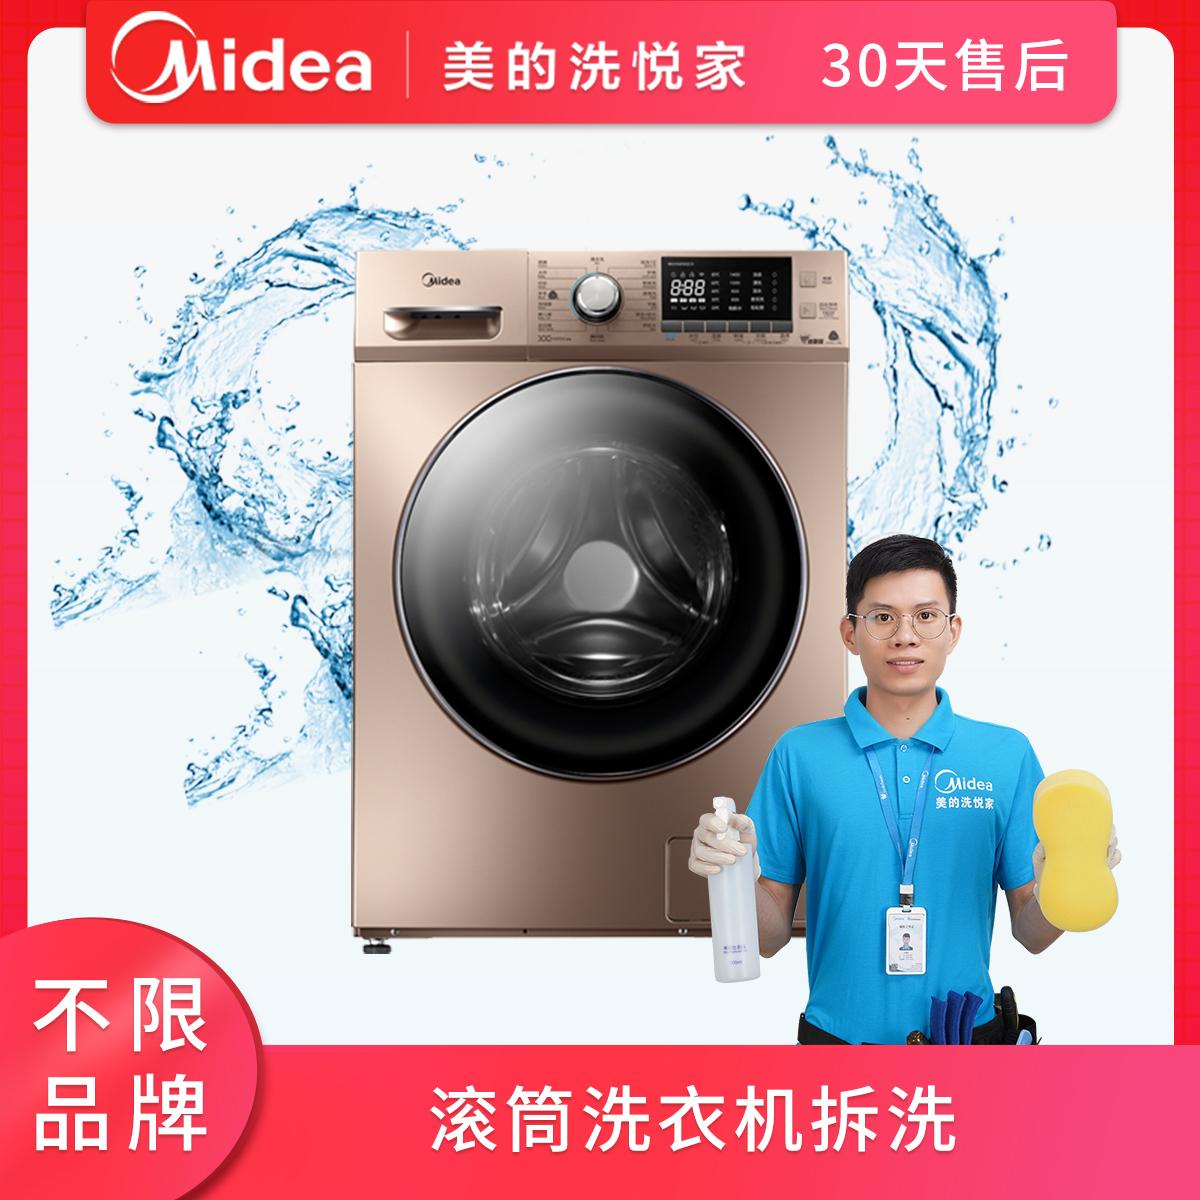 Midea/美的 滚筒洗衣机拆洗清洗服务 说明书.pdf